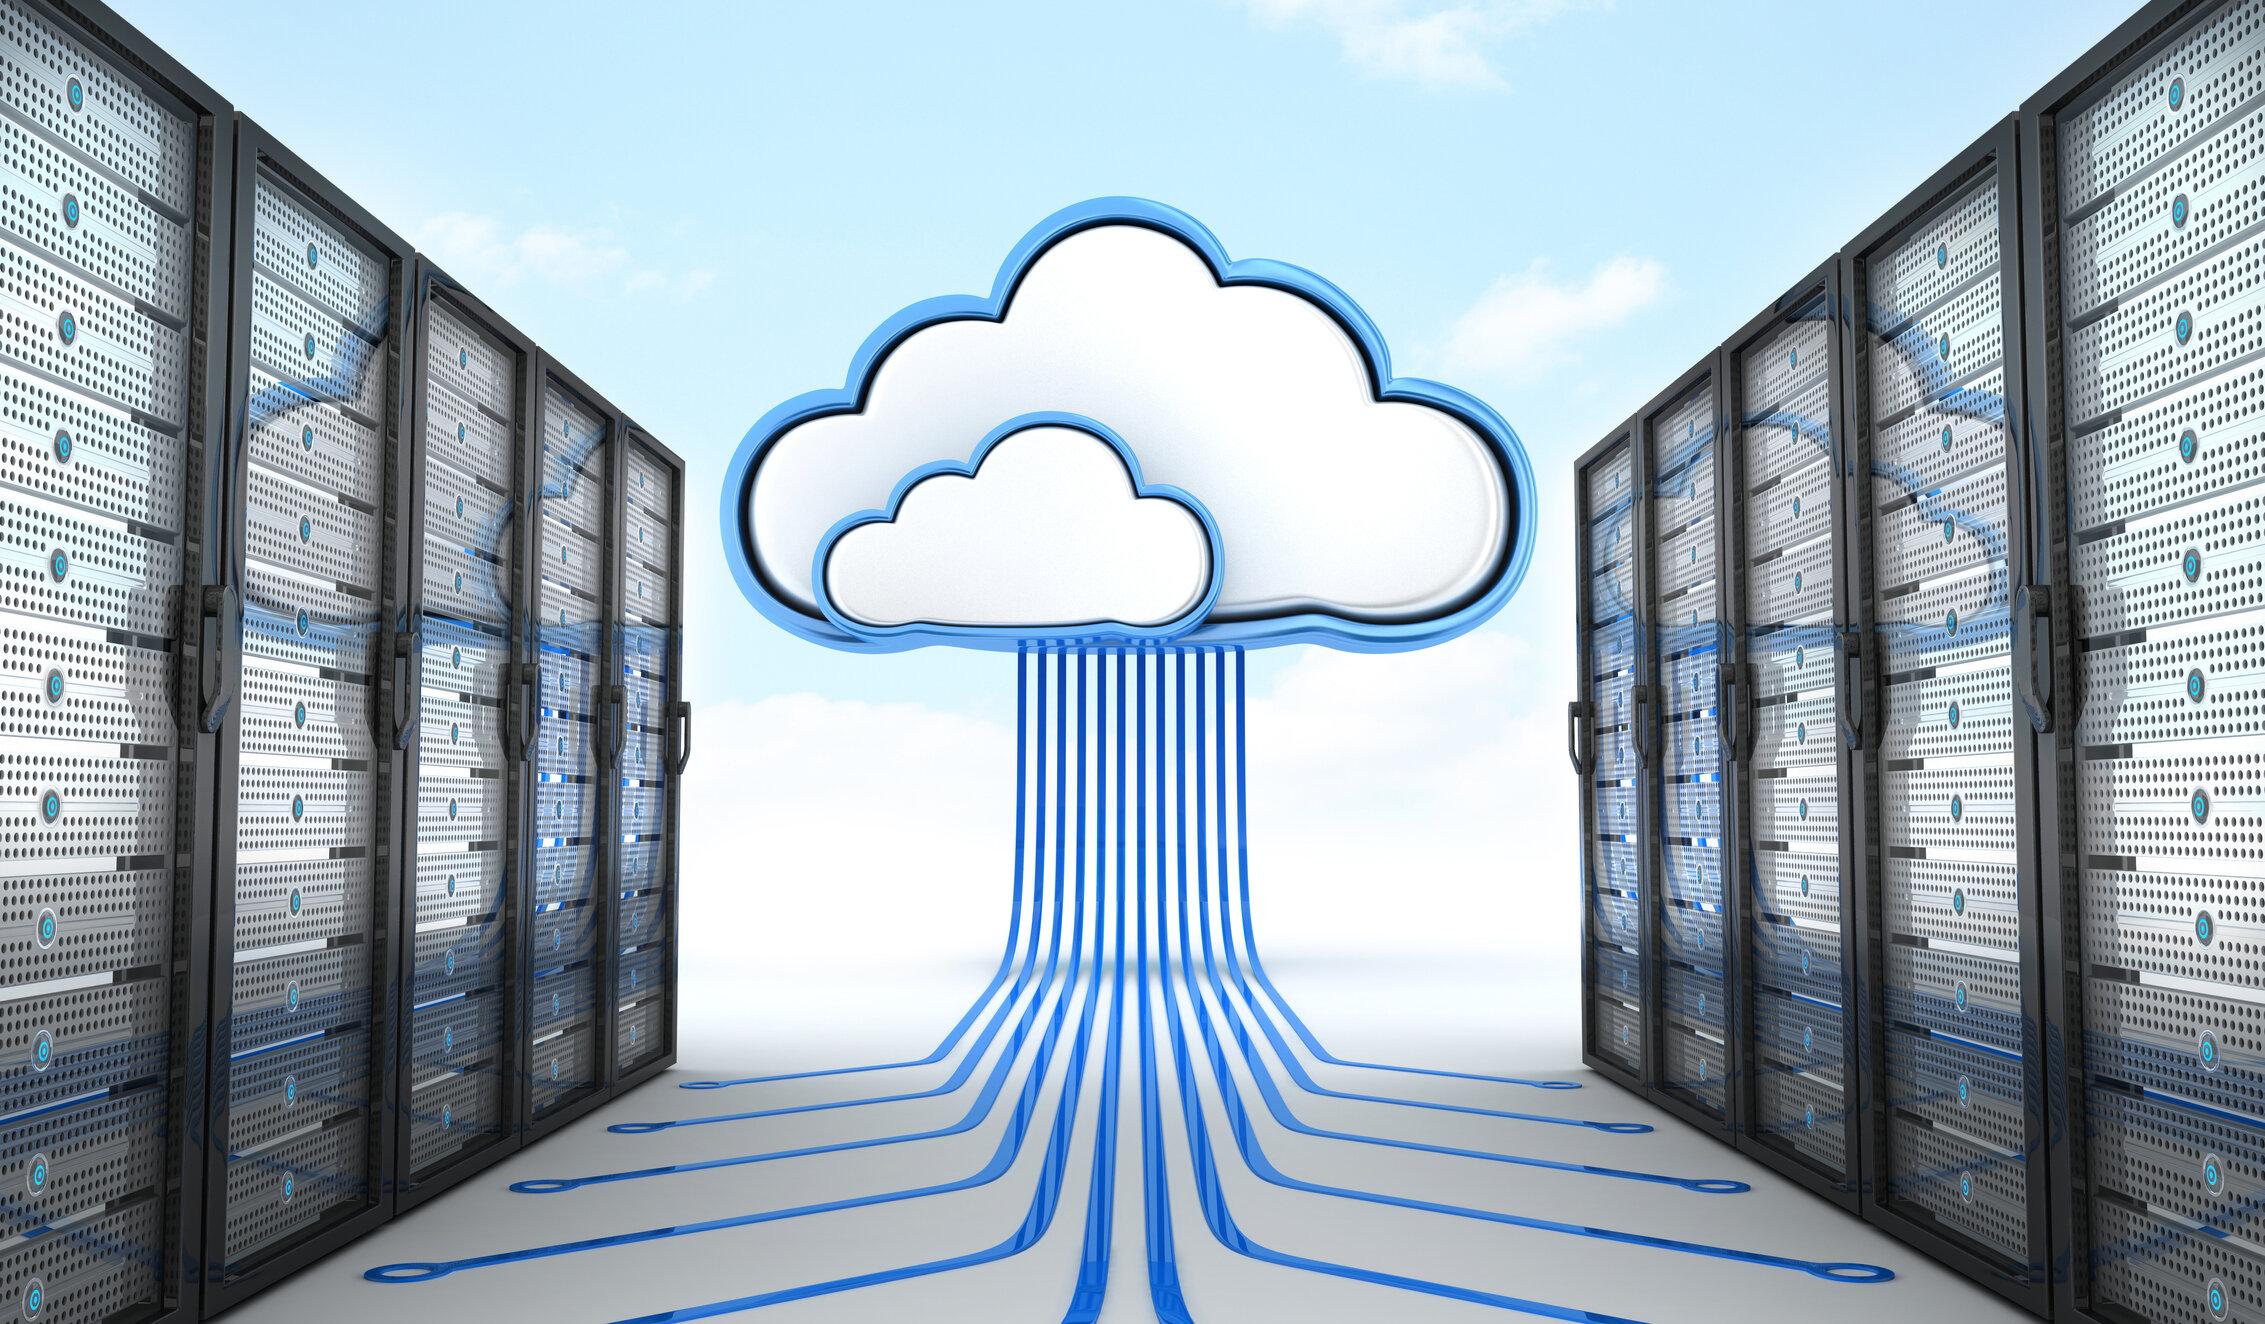 Server and cloud-based computing